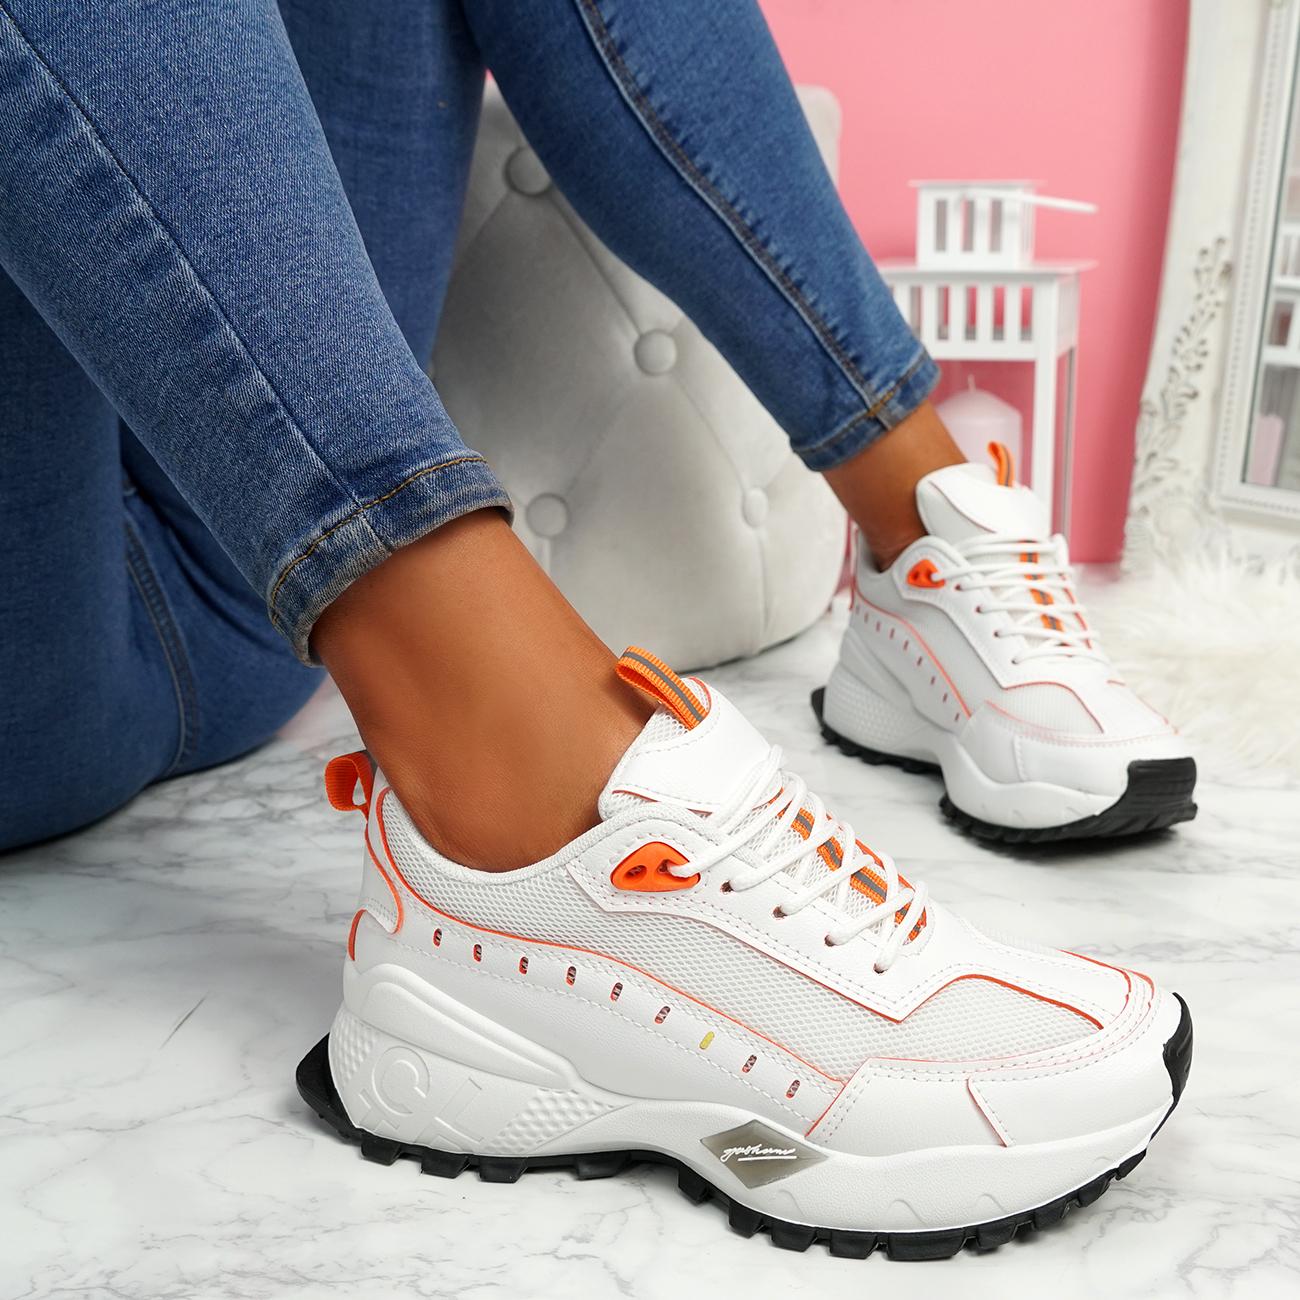 Femme Femmes grosses Baskets Fashion Plimsoll à Lacets Baskets Chaussures Taille